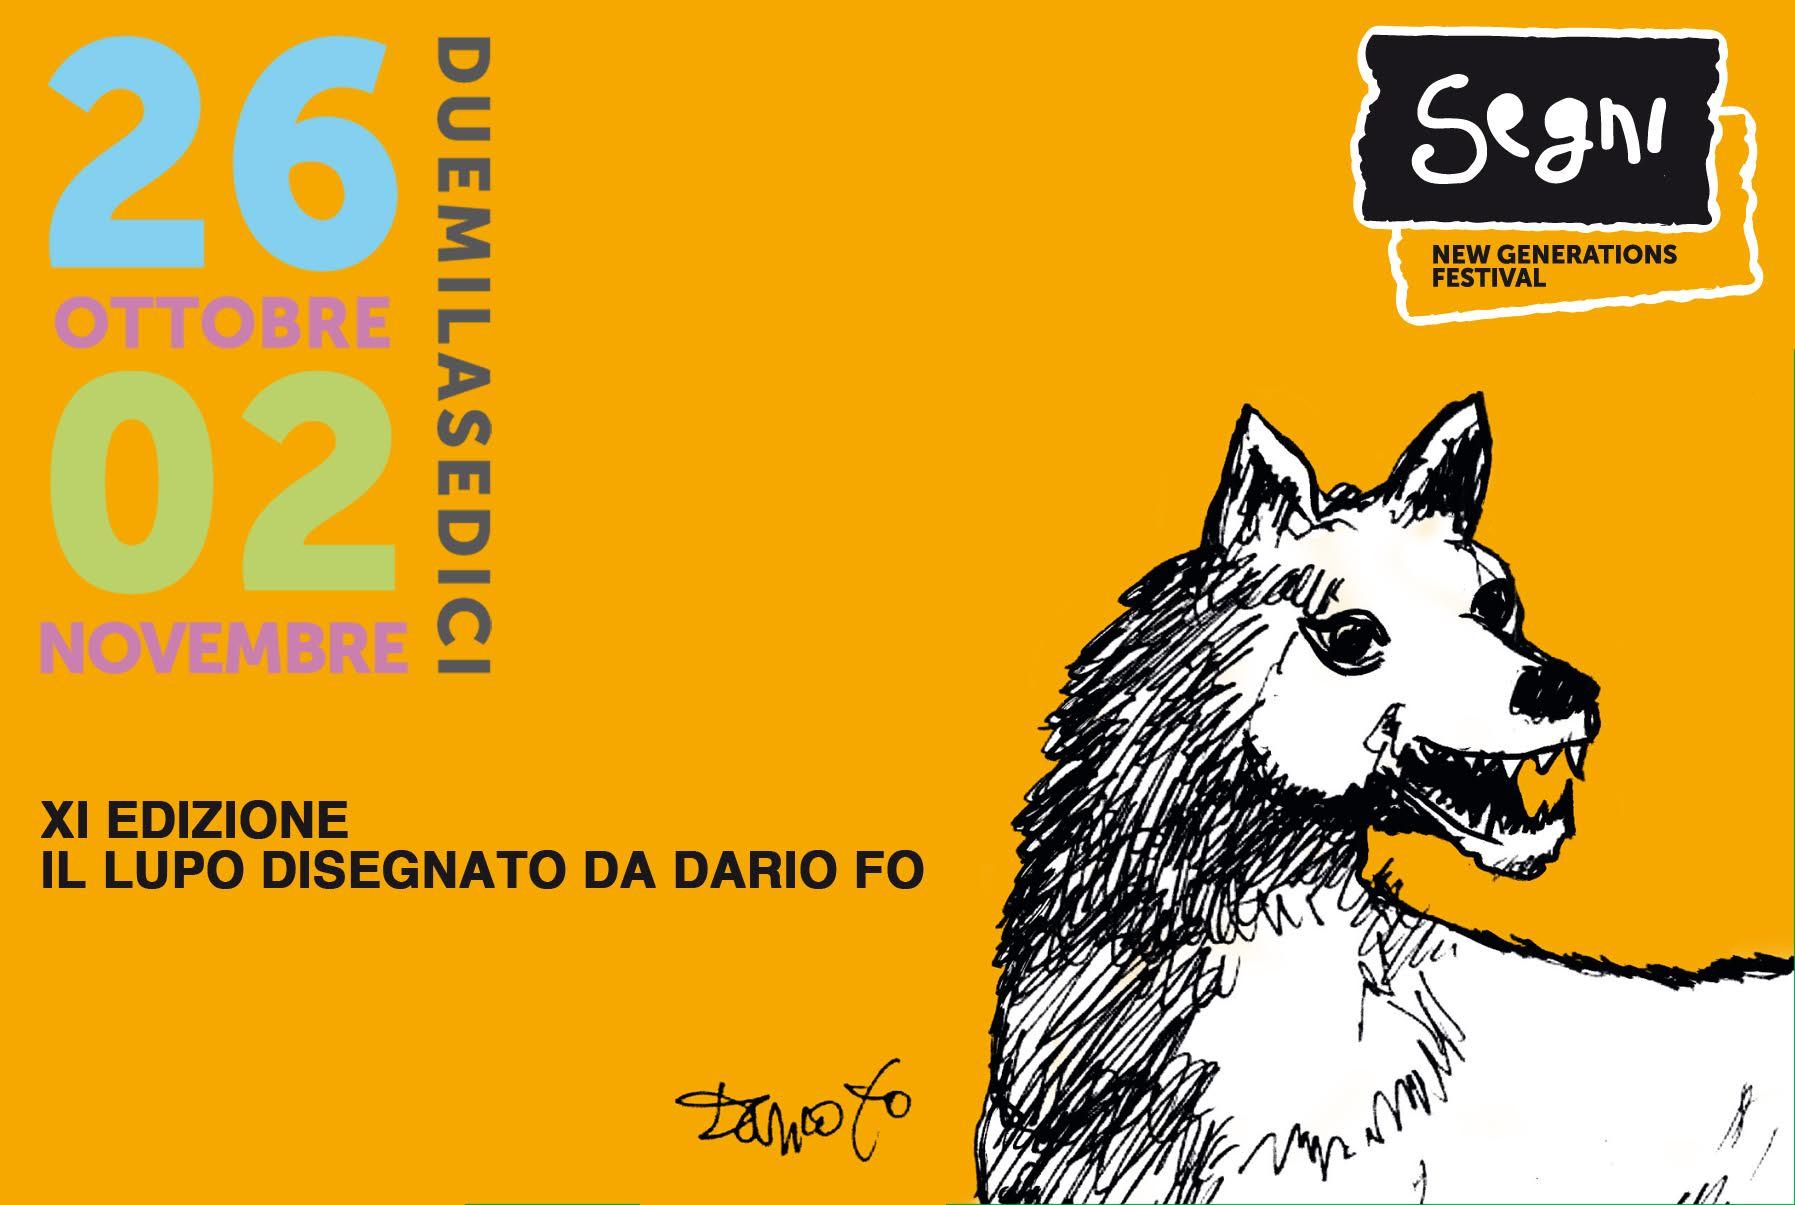 Dall'adolescenza all'infanzia: 8 giorni e più di 300 eventi a Mantova, Capitale italiana della cultura 2016.